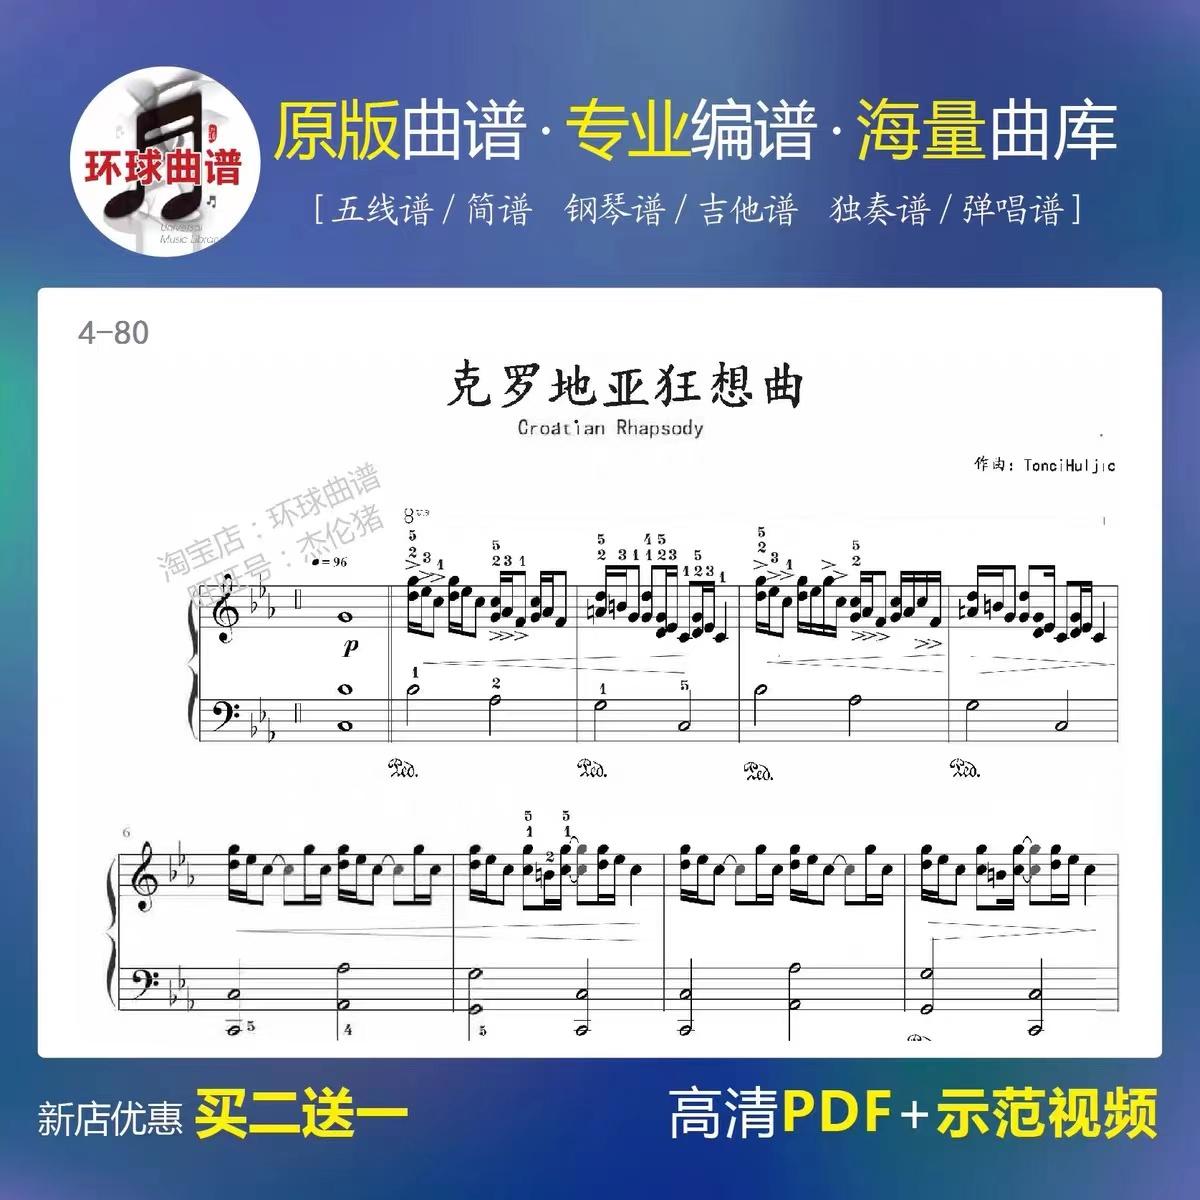 【克罗地亚狂想曲 钢琴谱 原版带指法】五线谱马克西姆曲谱电子版